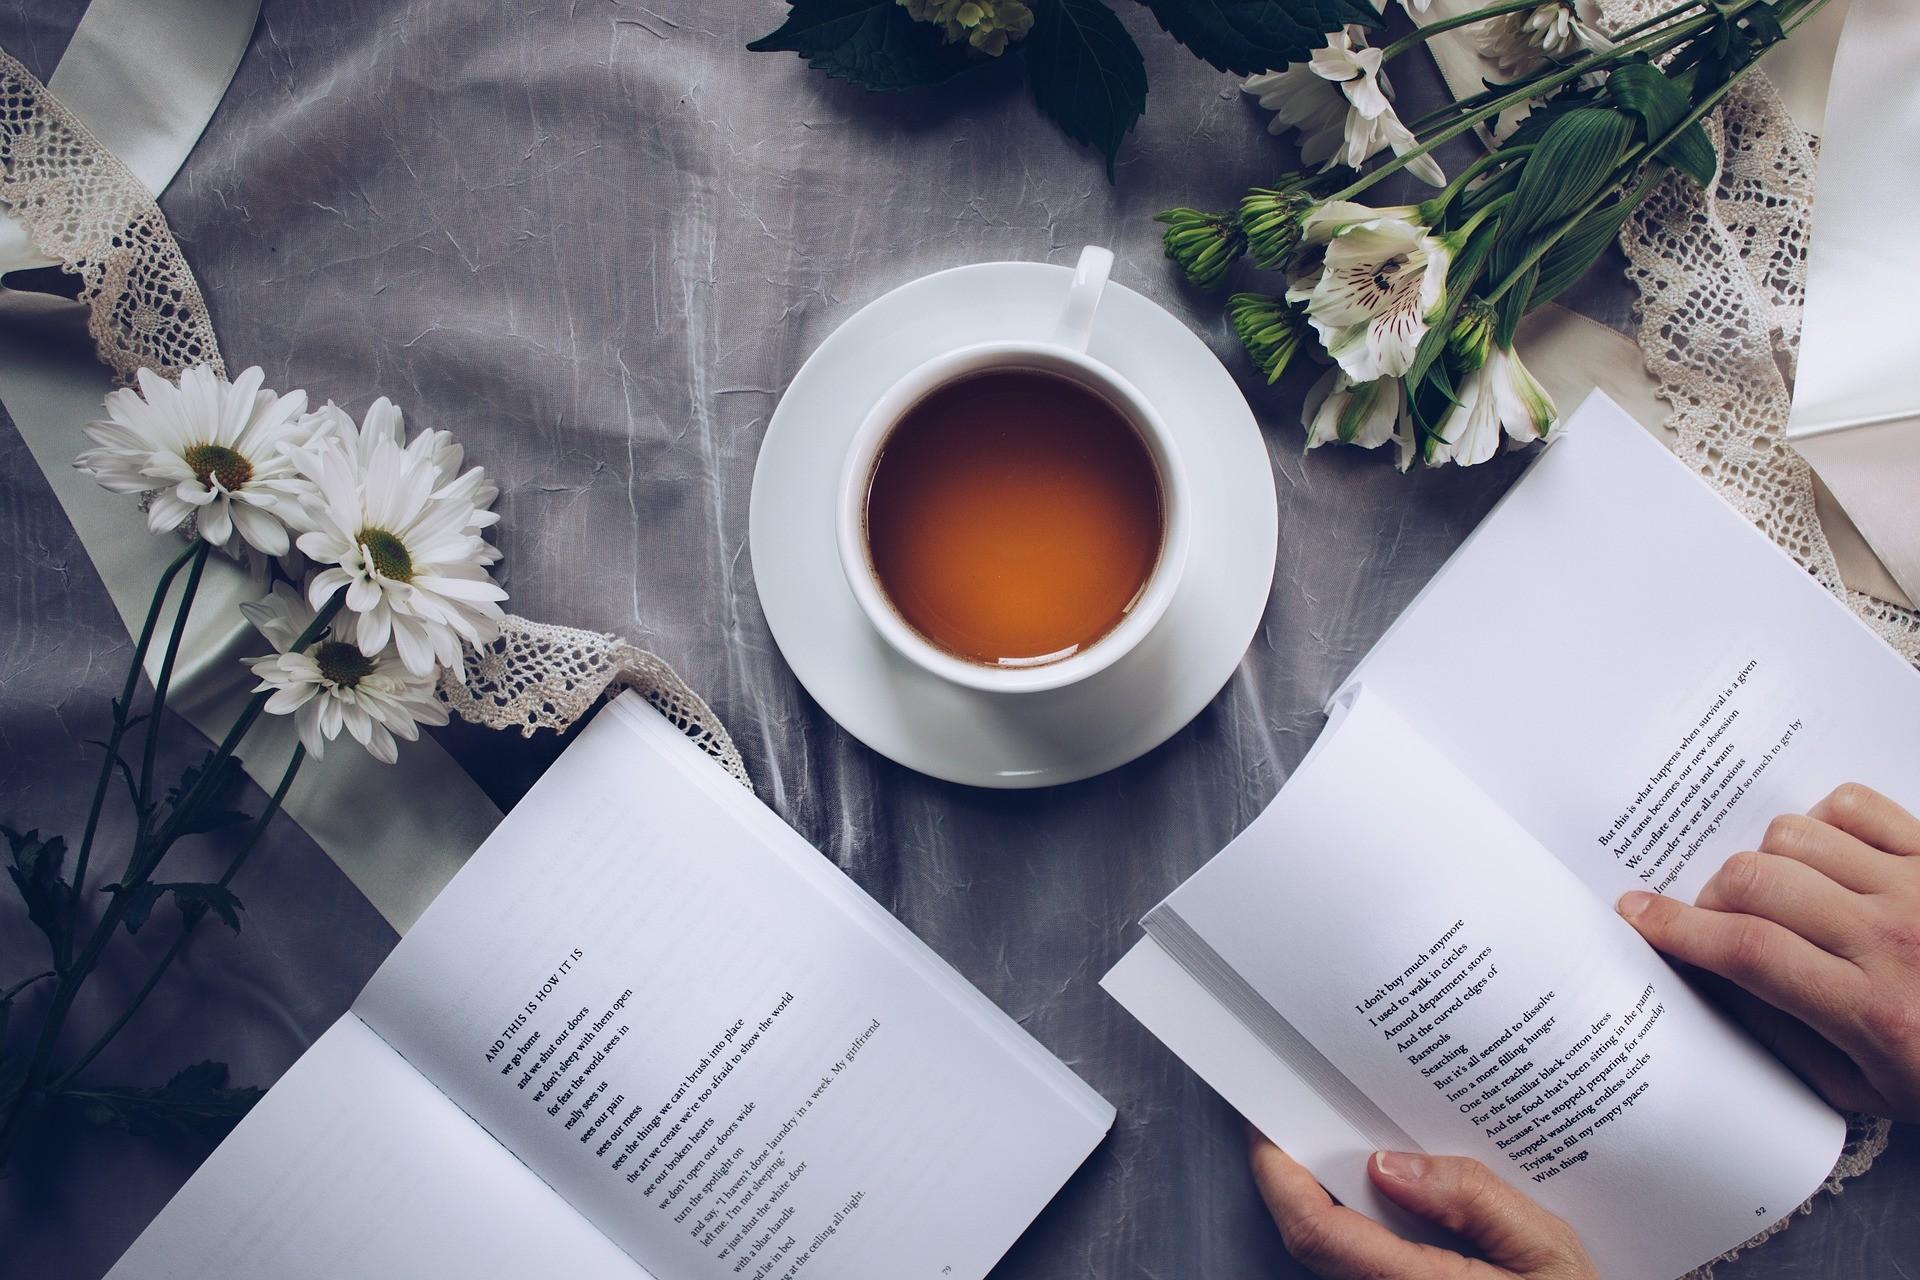 As pessoas que não gostam de café, costumam consumir mais chá (Foto: Pixabay)